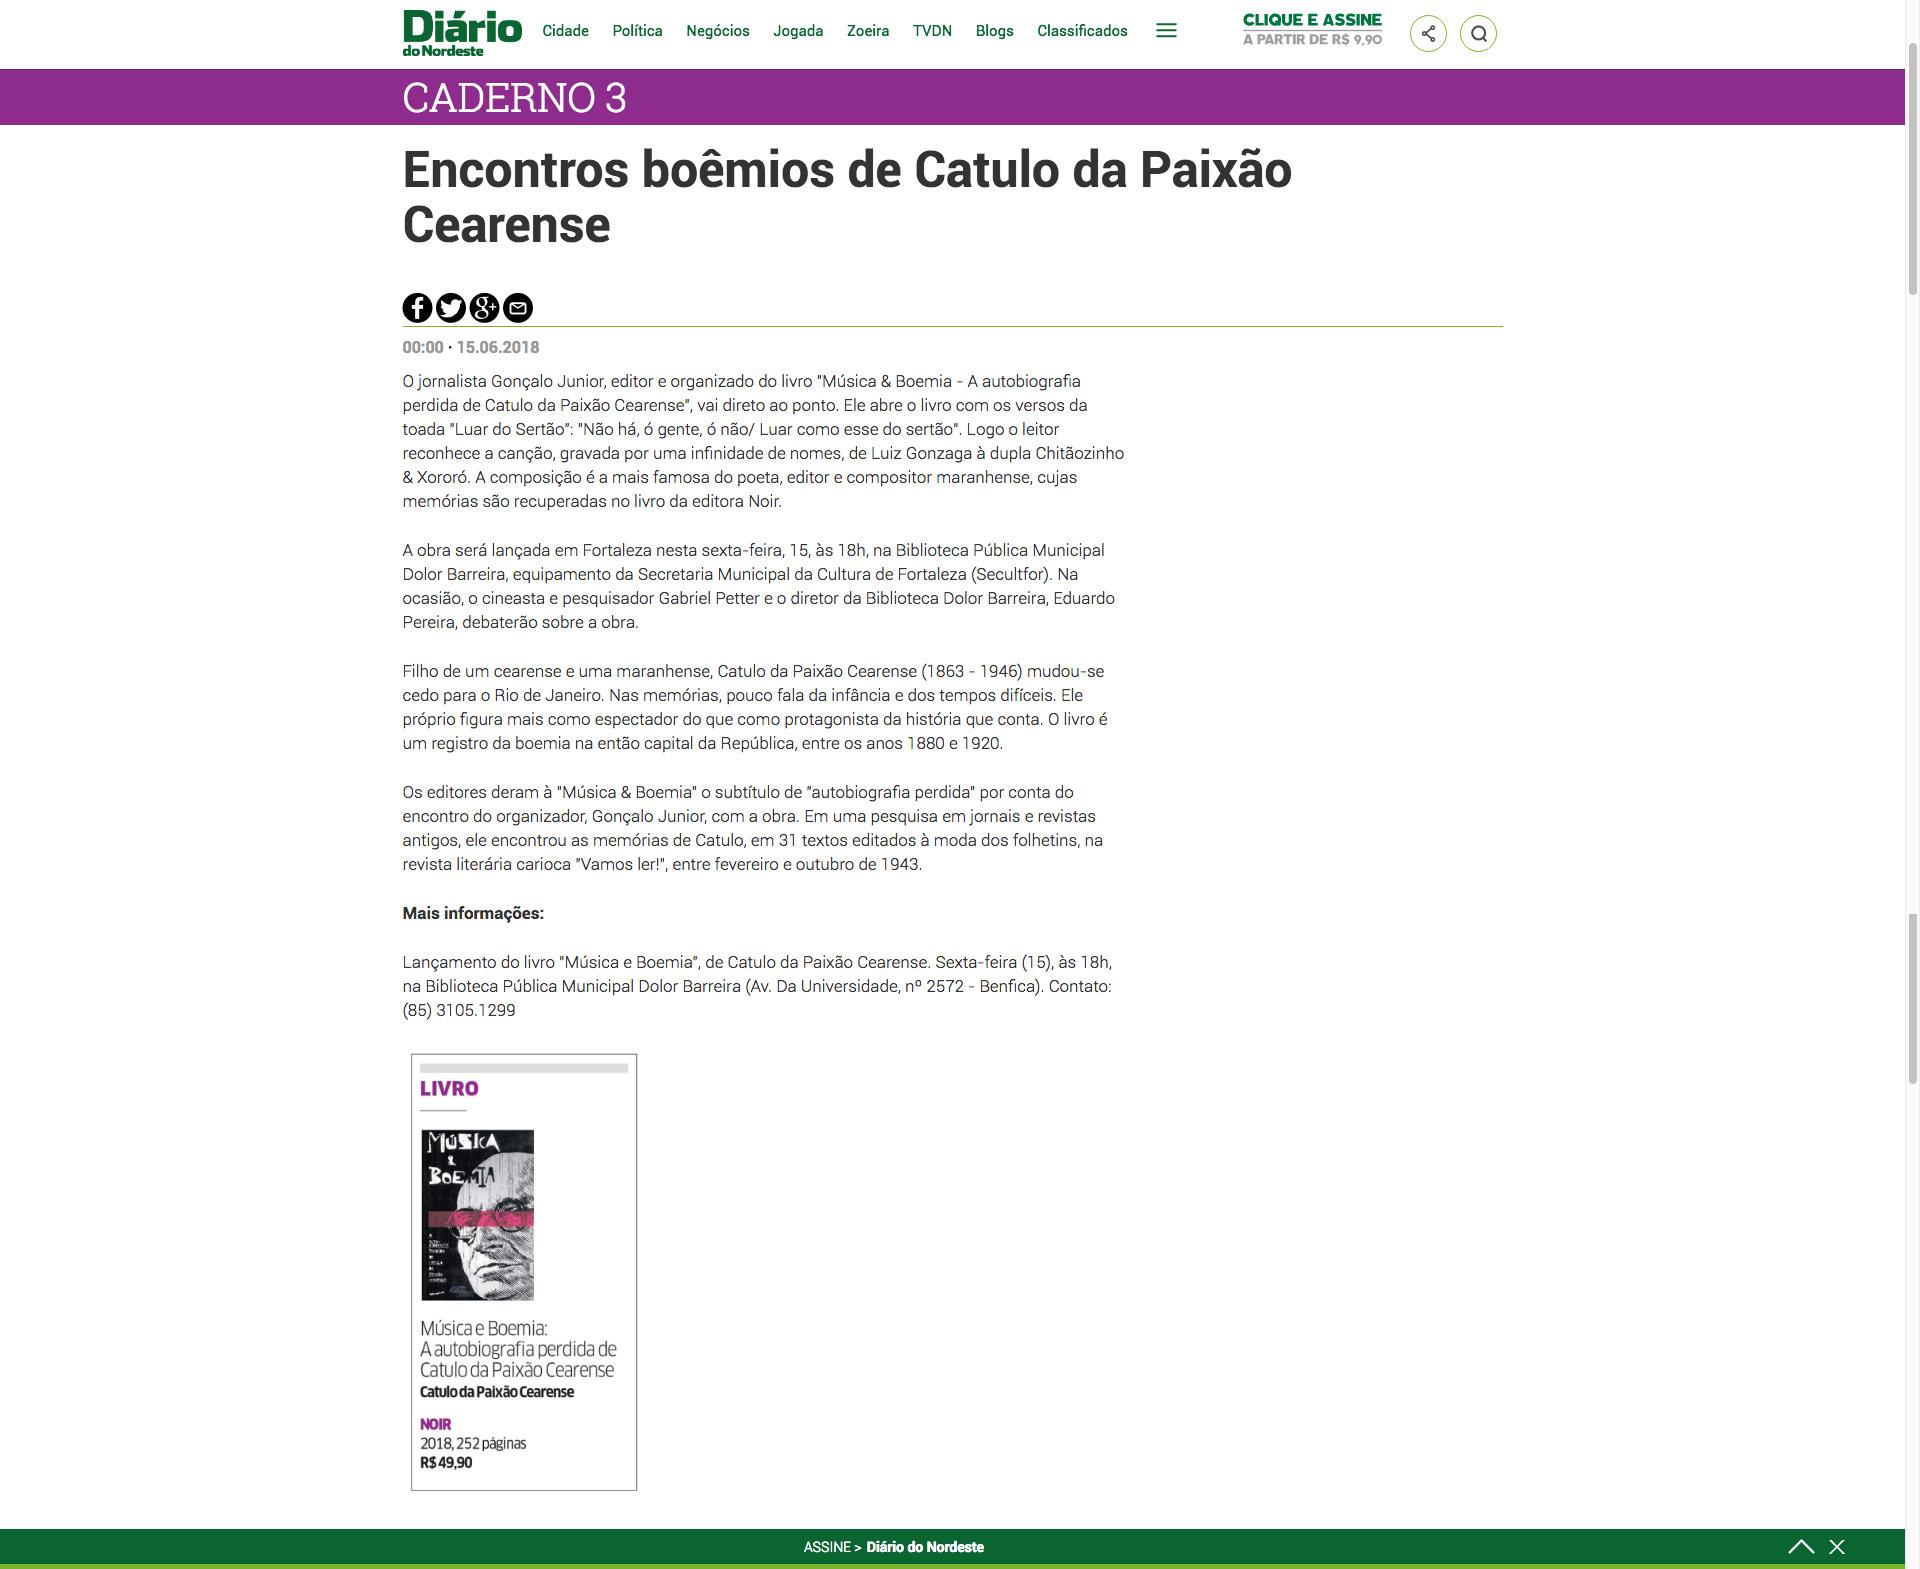 Diário do Nordeste  Fortaleza – 15/6/2018